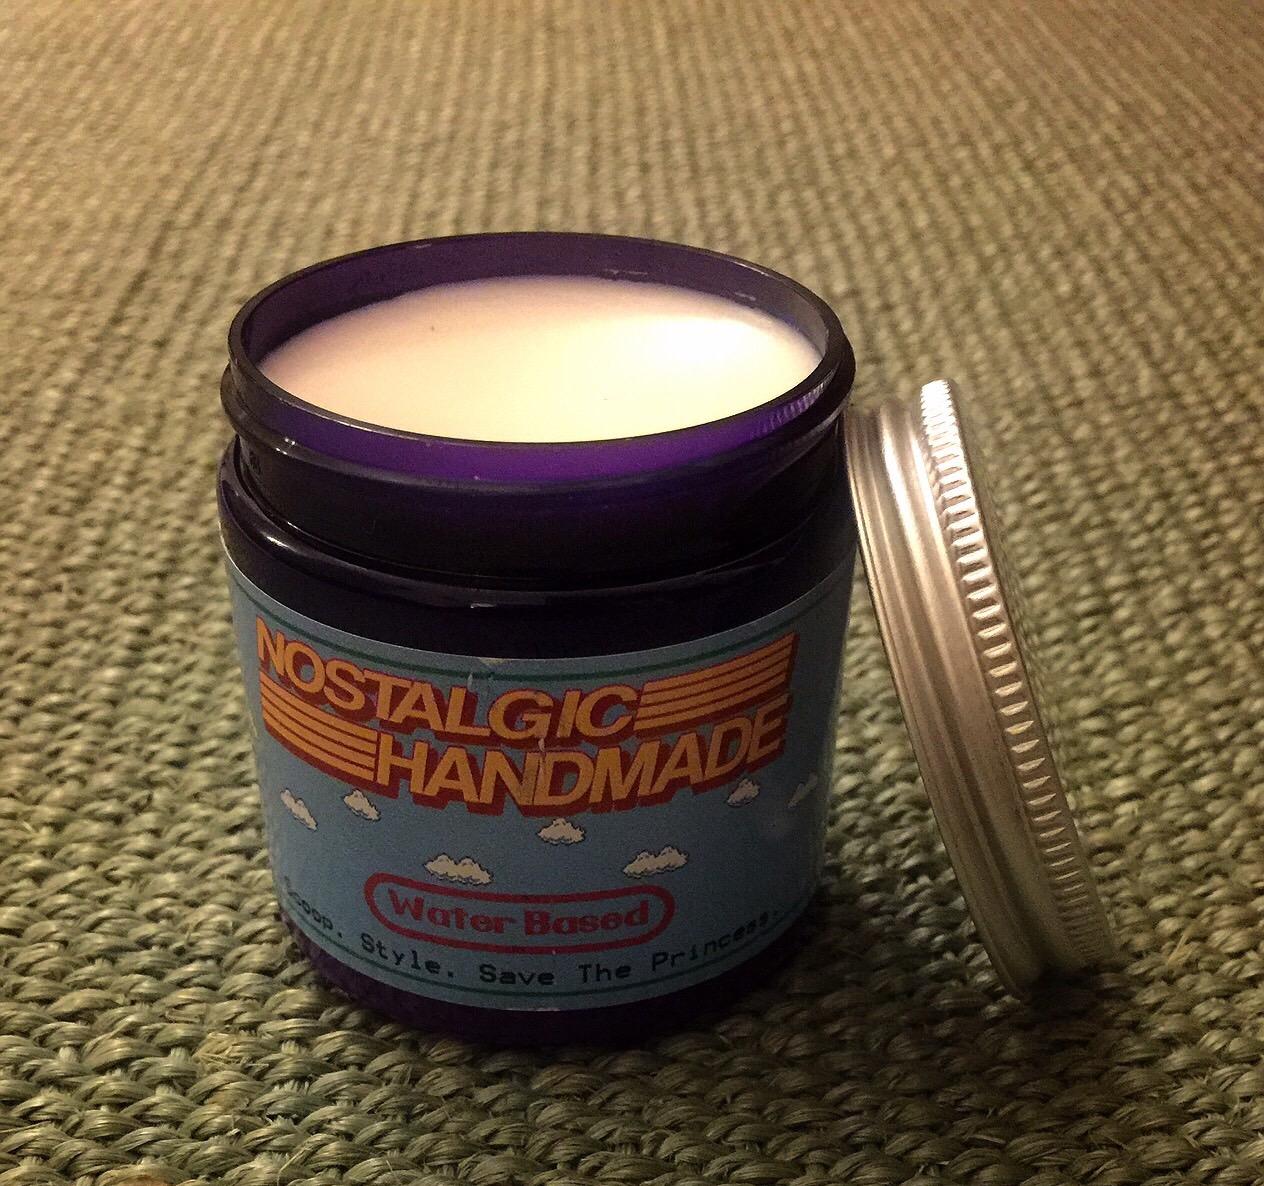 Nostalgic Handmade Unorthodox (Fruit Scoops) Water Based Pomade - 4 oz